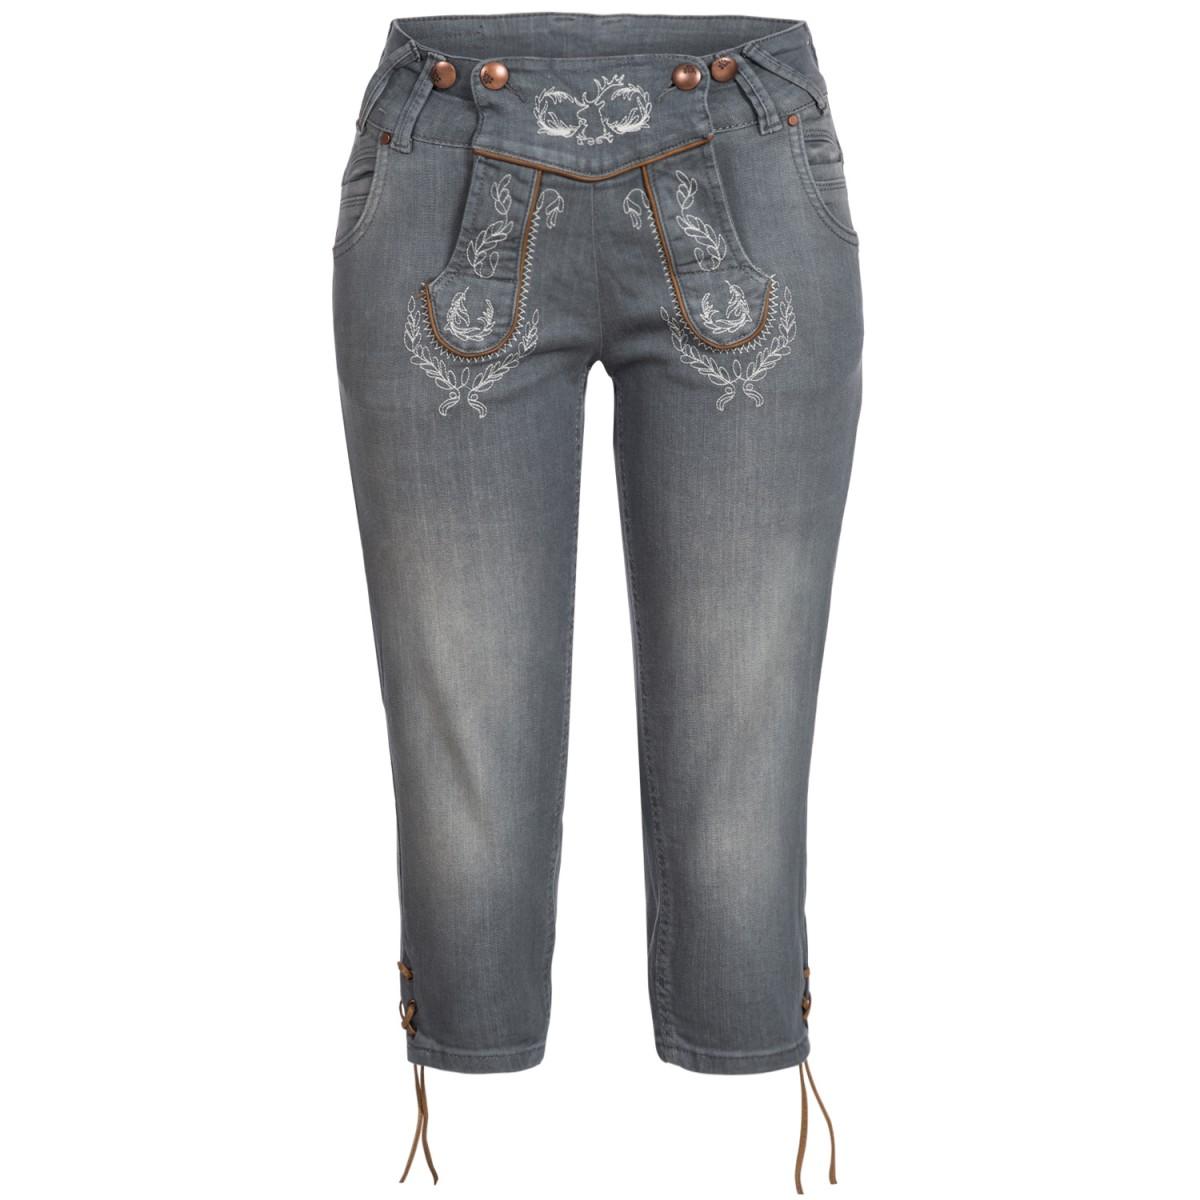 Jeans-Kniebundlederhose Anni in Grau von Hangowear günstig online kaufen